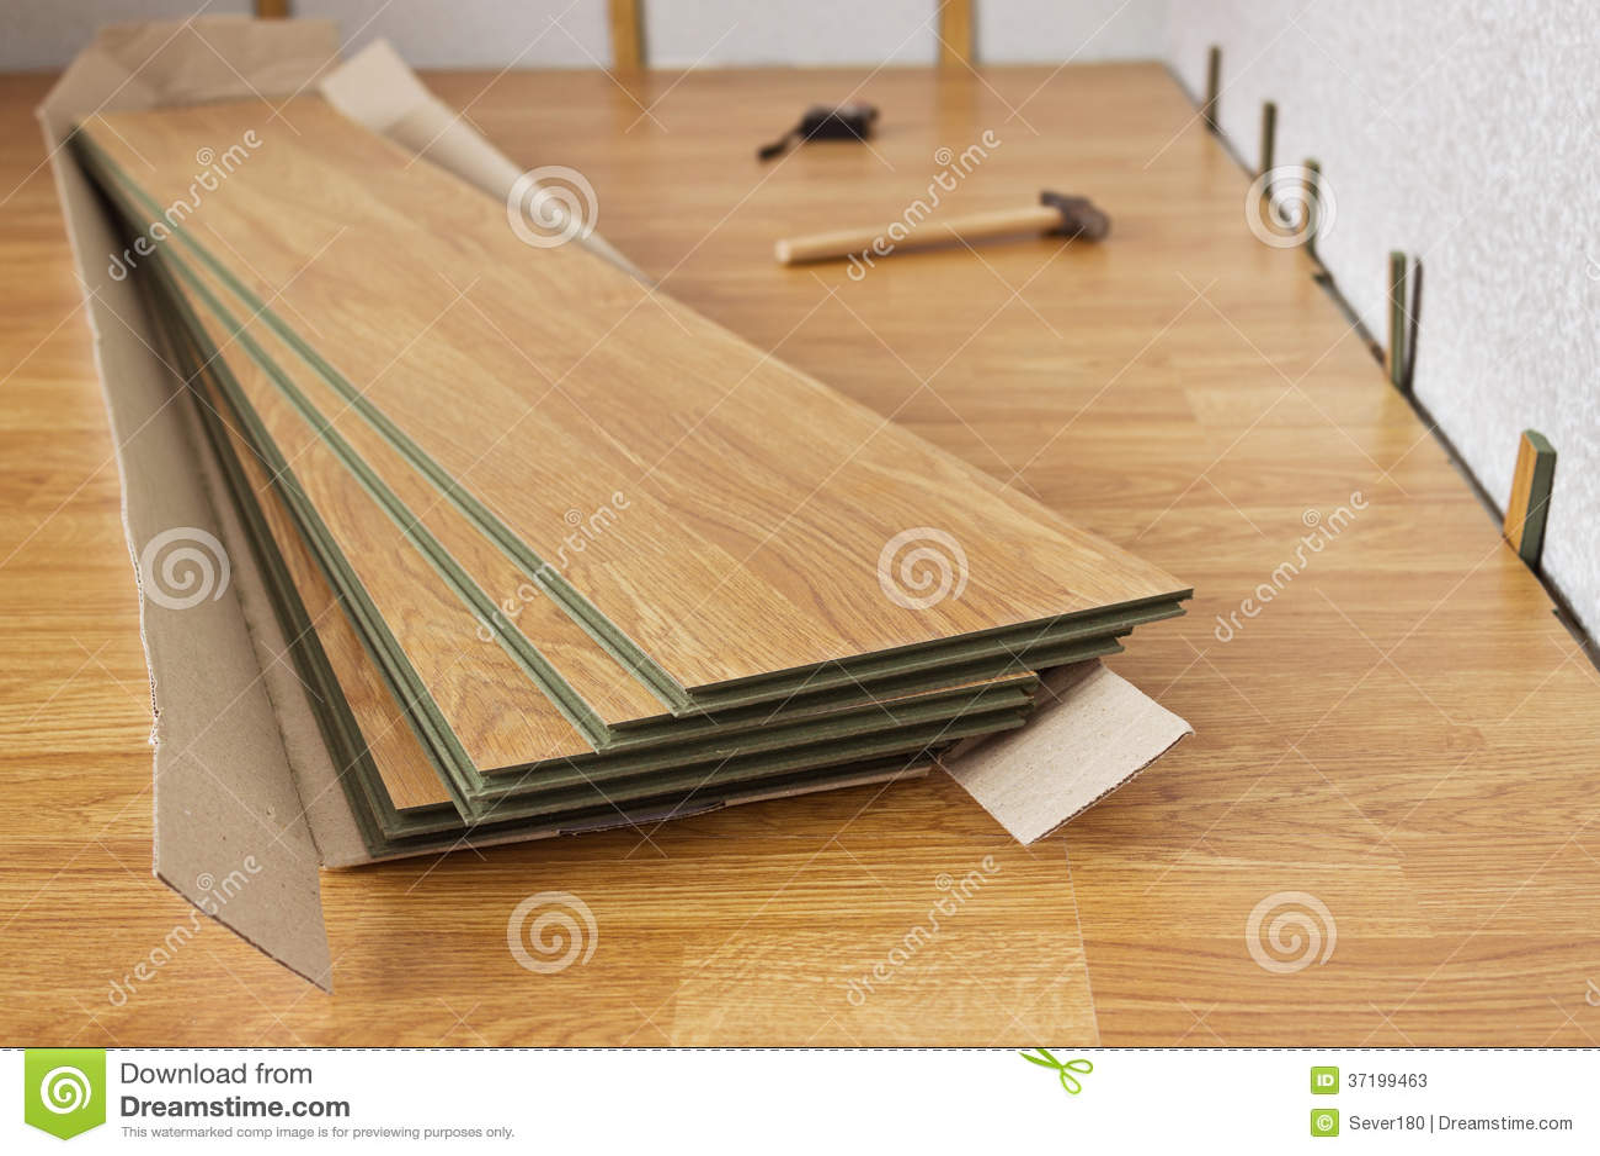 los paneles laminados el color de la madera imagen de archivo imagen 37199463. Black Bedroom Furniture Sets. Home Design Ideas